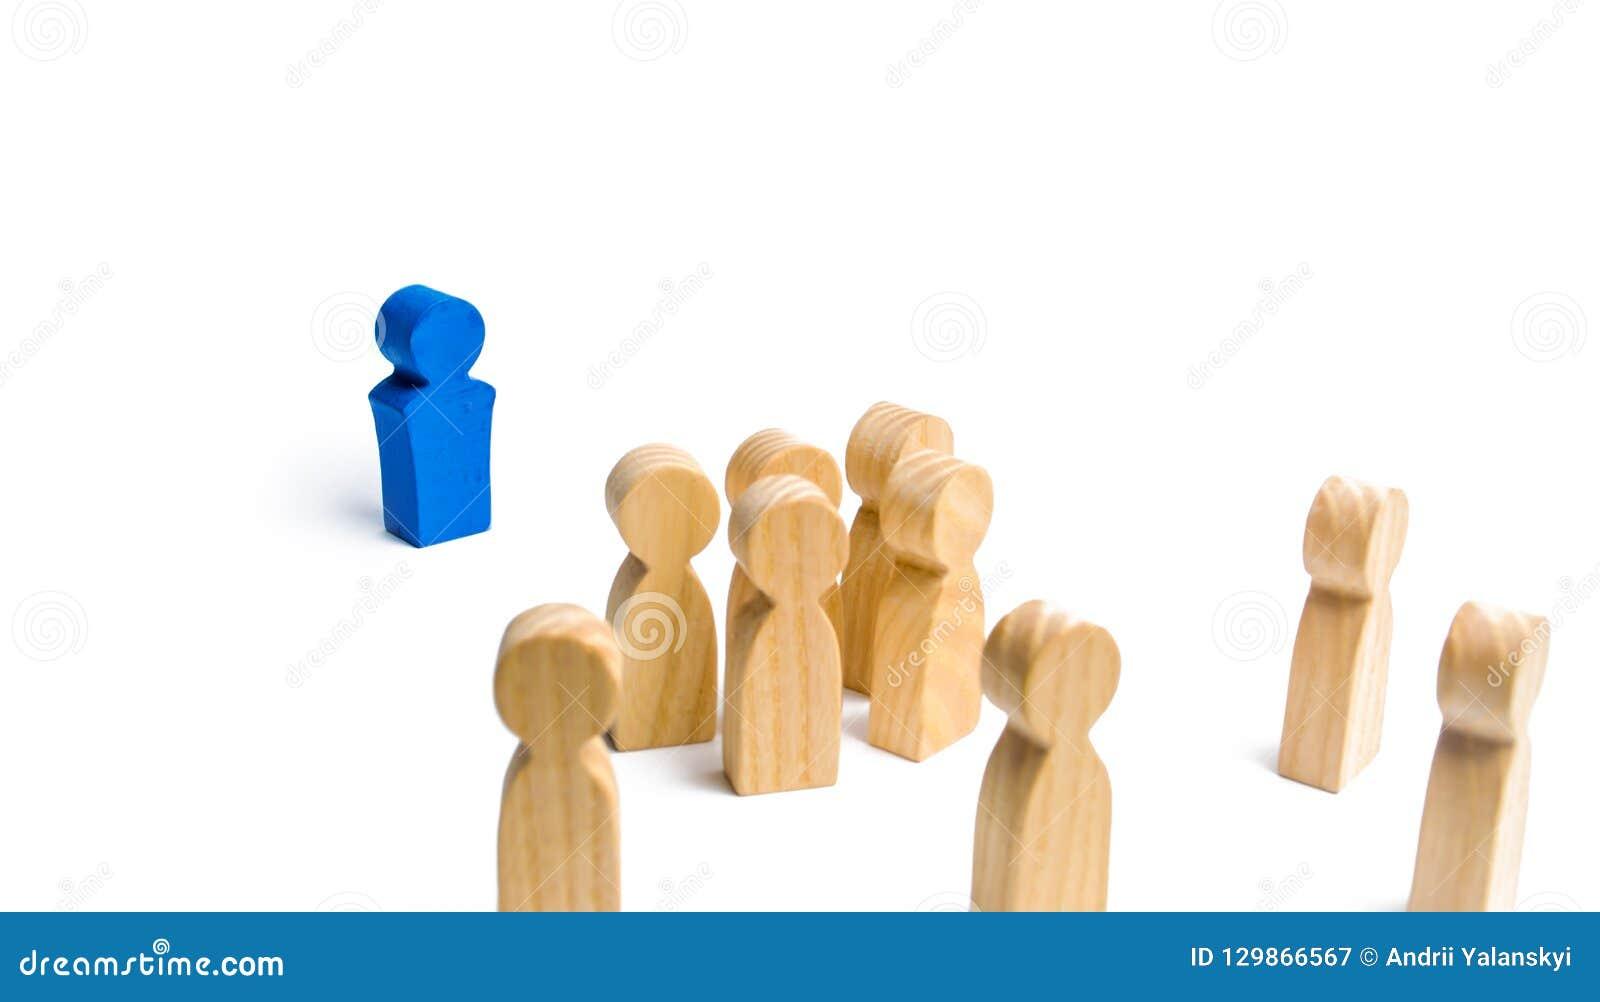 对的领导讲讲话人演讲人群  领导和领导质量,人群管理的企业概念